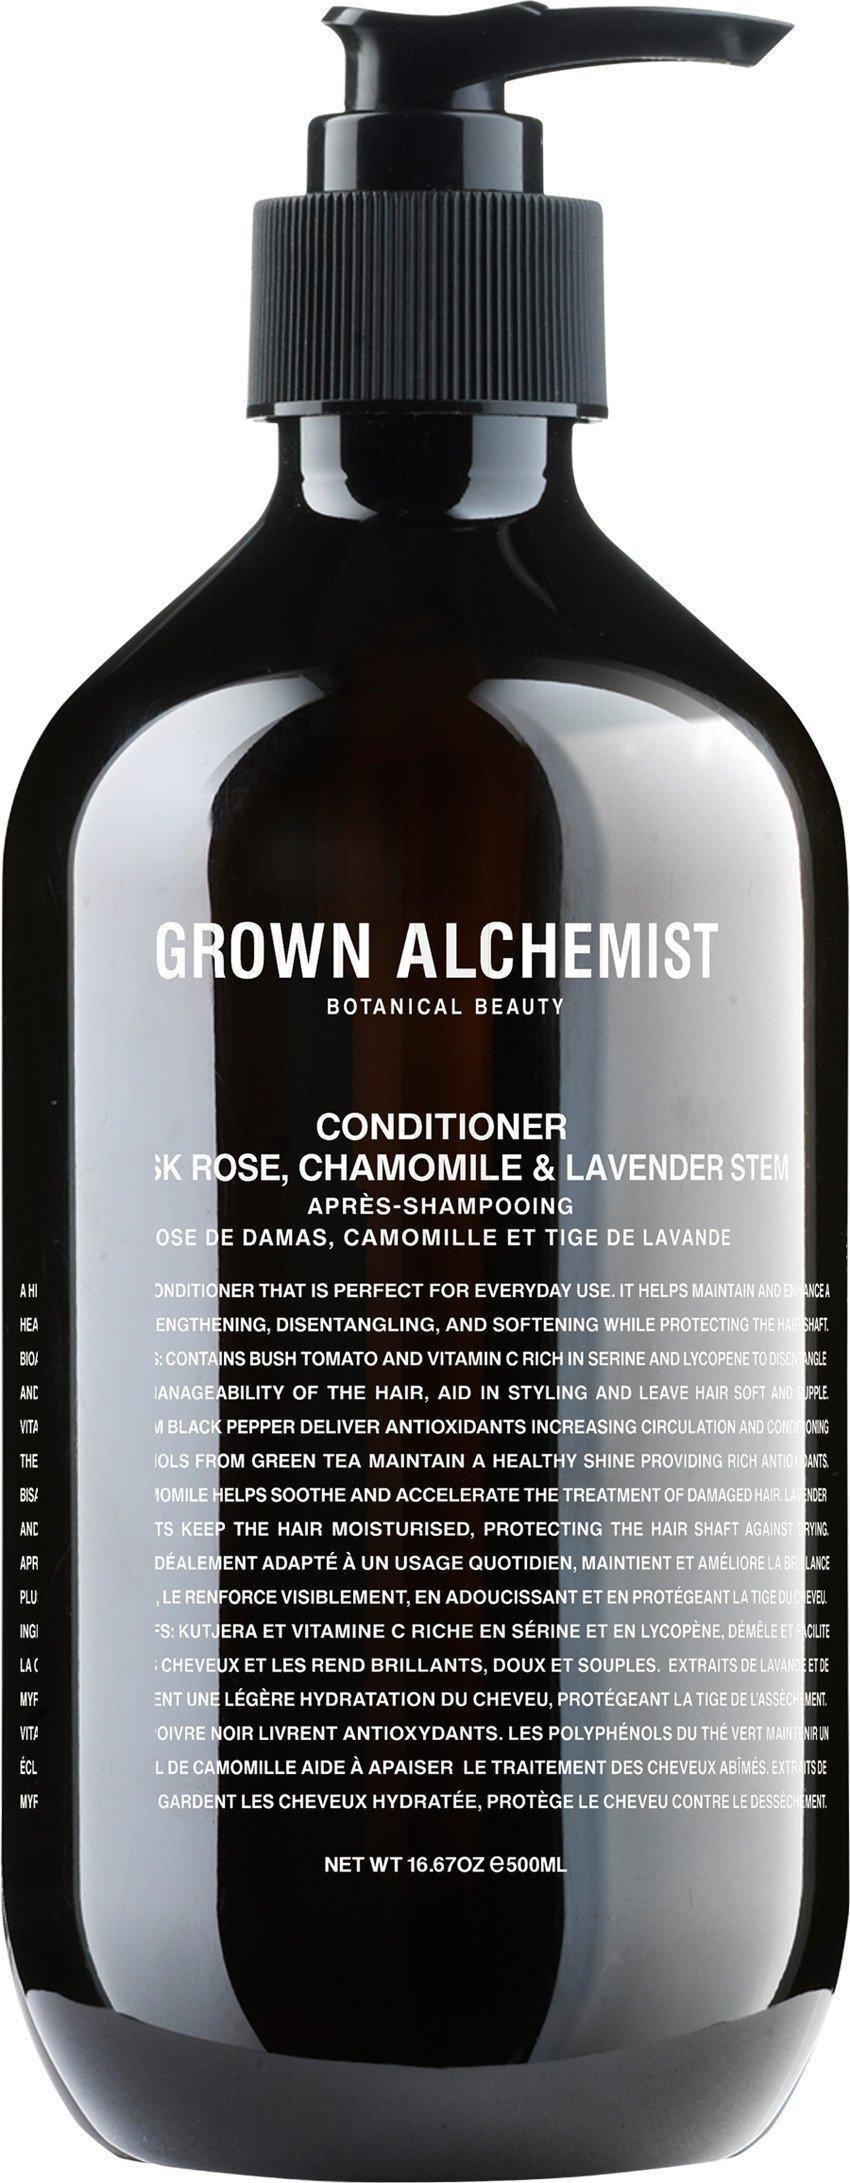 Conditioner: Damask Rose, Chamomile & Lavender Stem - Size: 500 ml